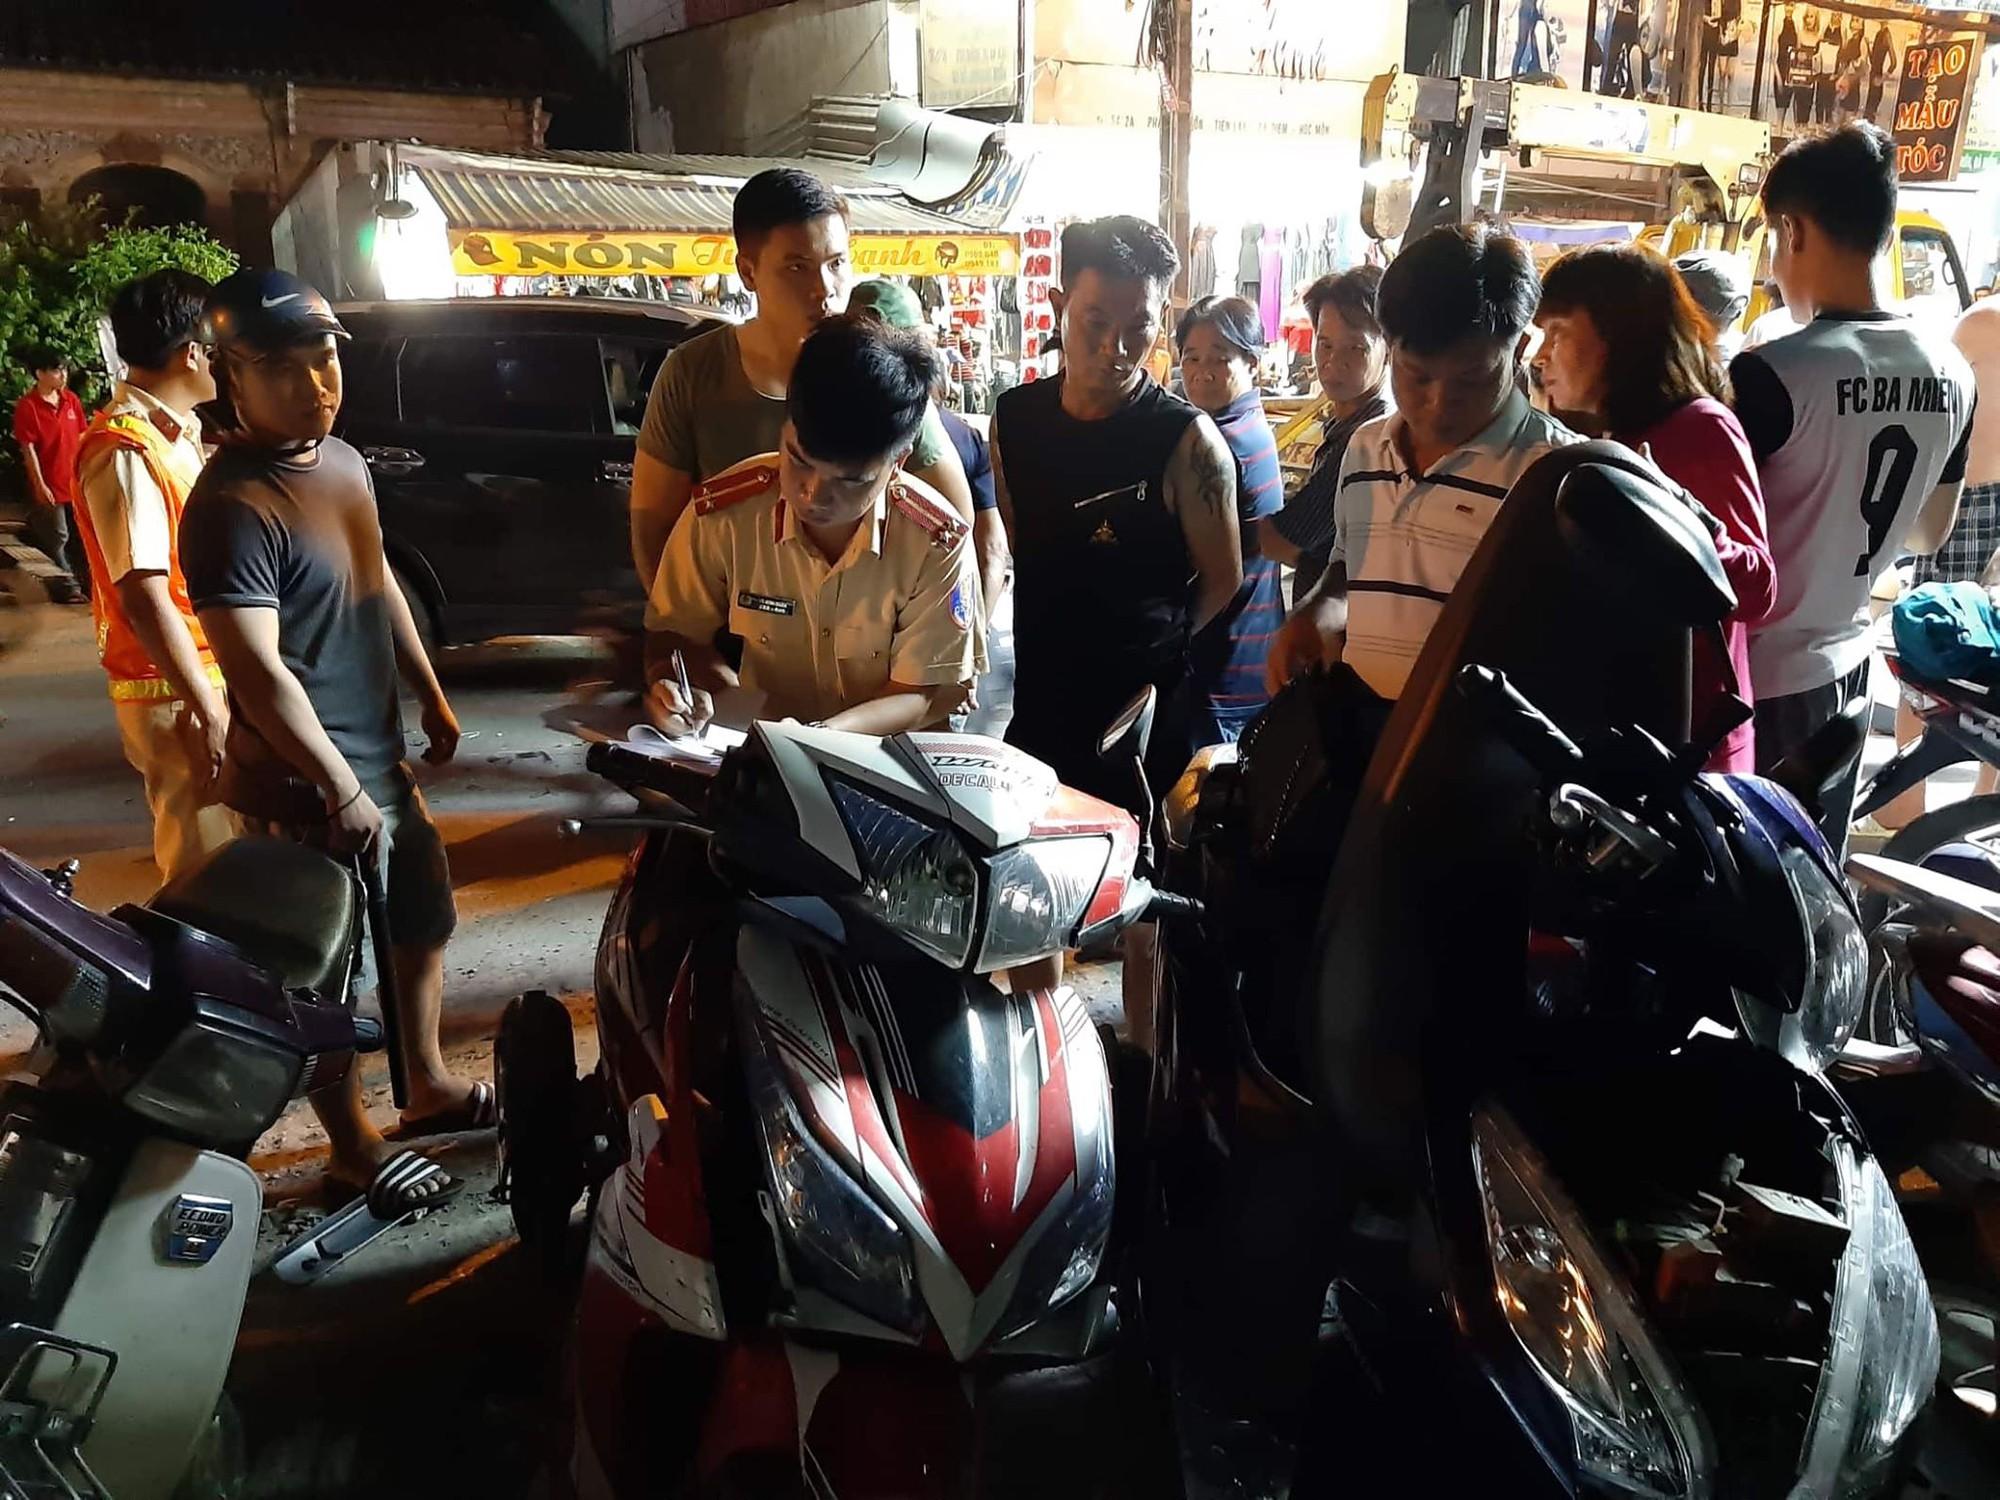 TP.HCM: Ô tô điên cuốn hàng loạt xe máy vào gầm, 4 người bị thương trong đó có trẻ em - Ảnh 4.